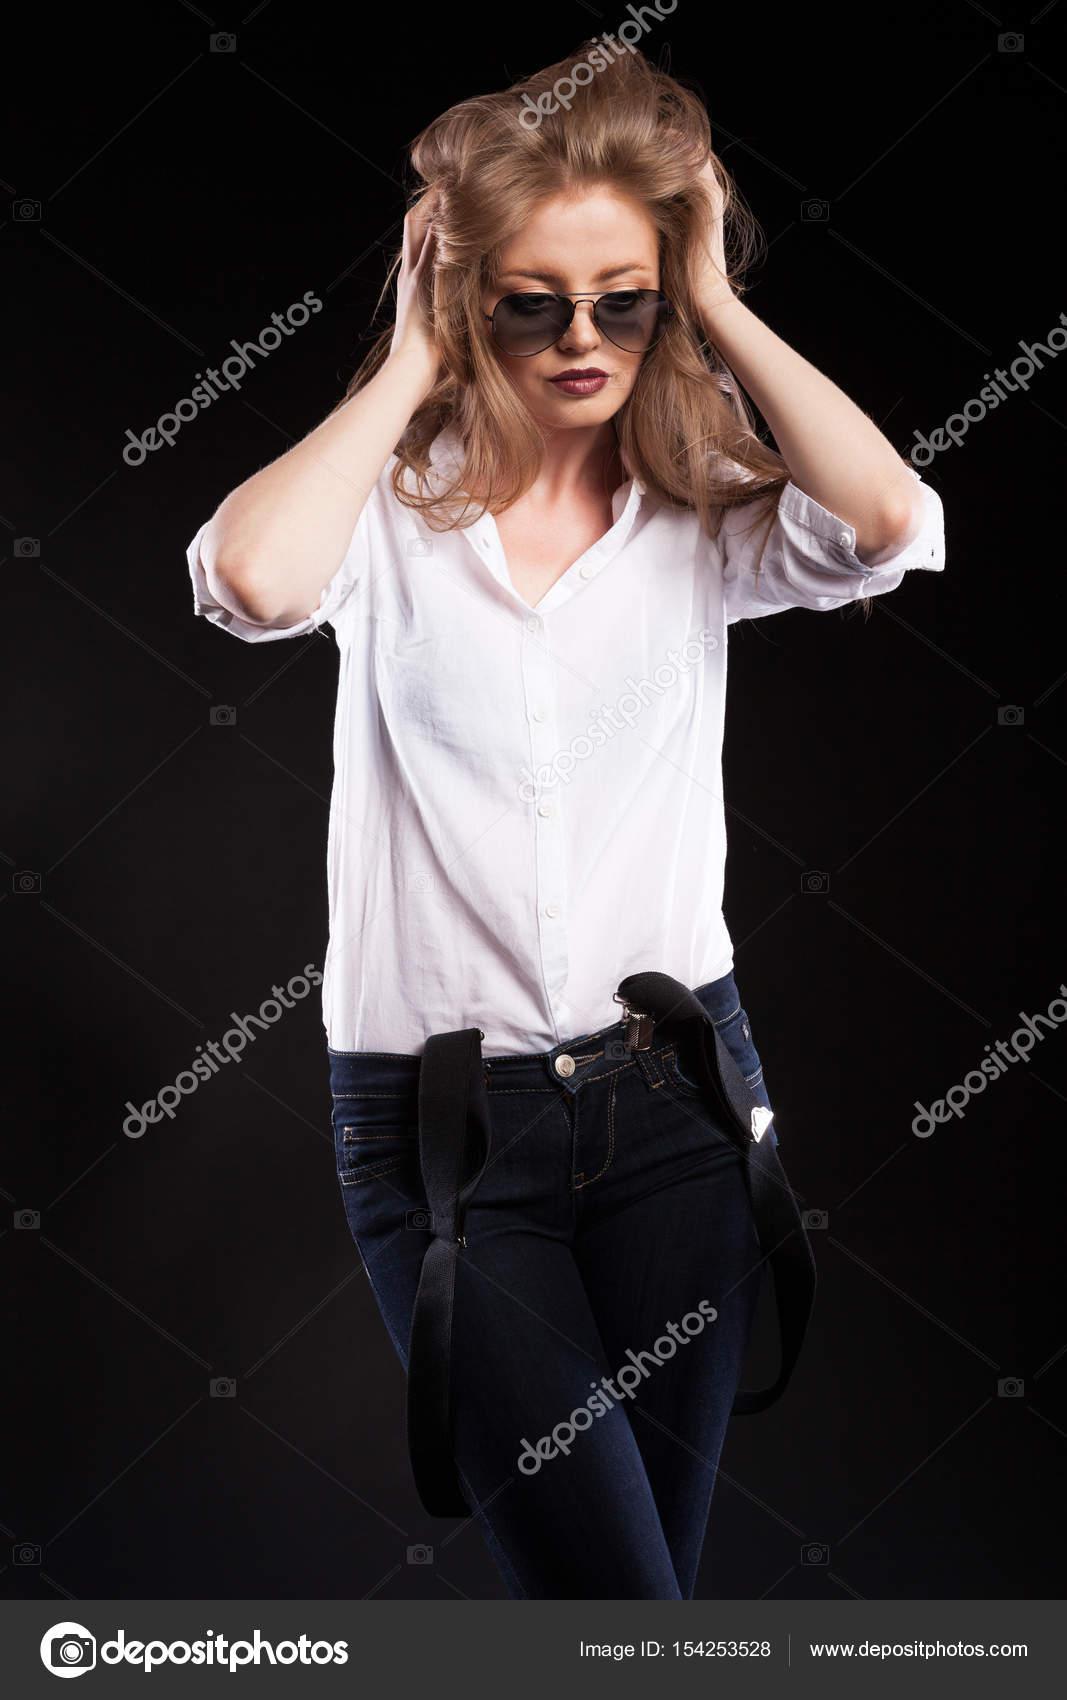 blondinki-v-podtyazhkah-foto-muzhchina-devki-konchaet